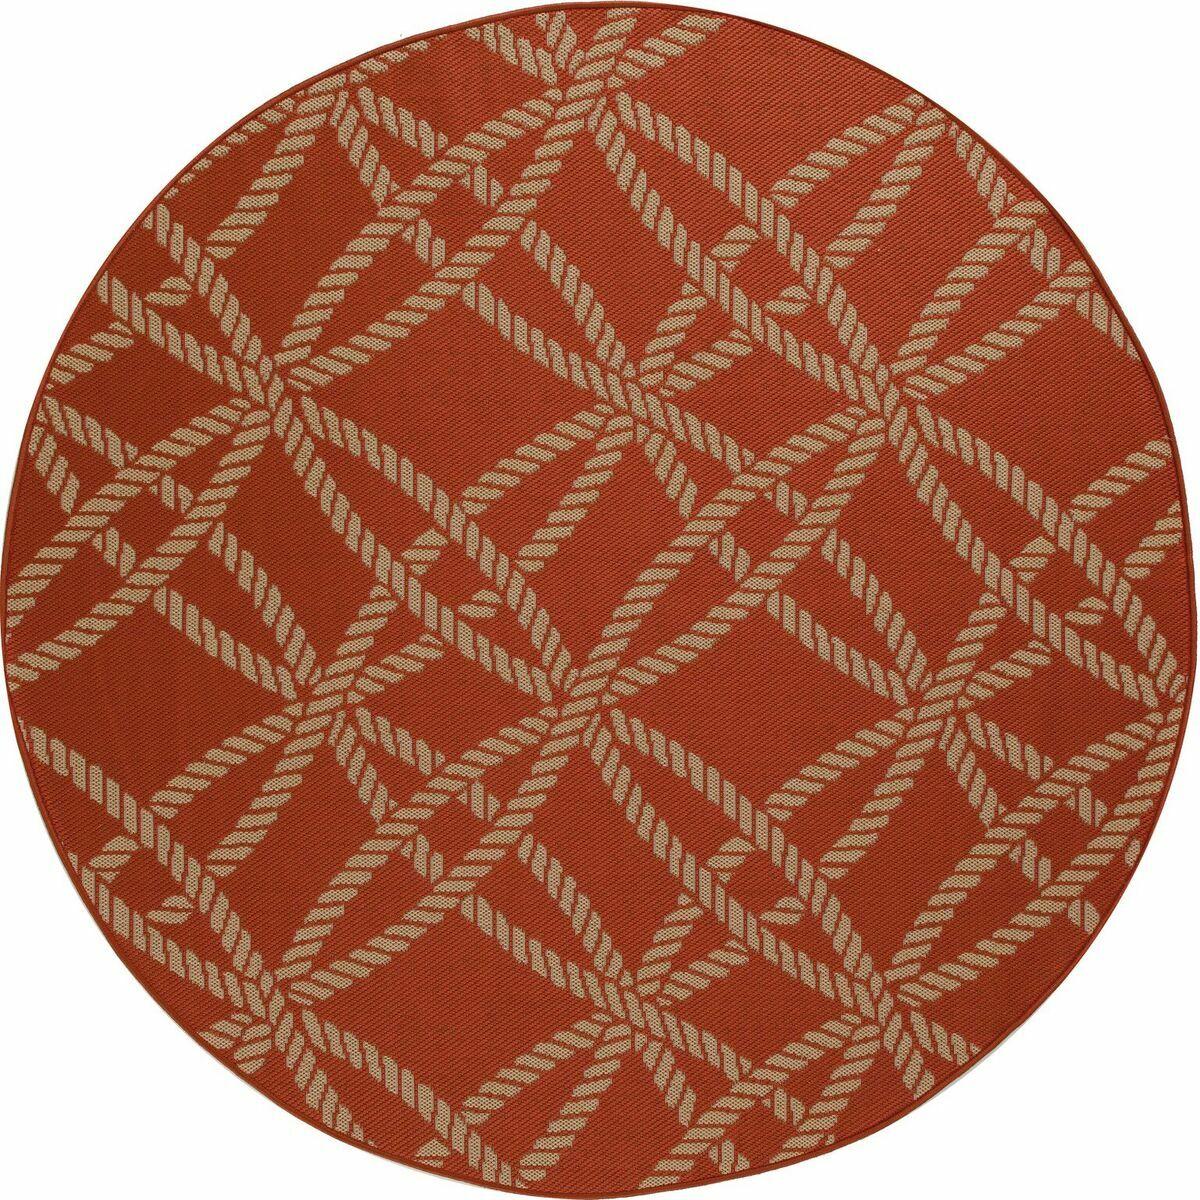 Criner Red Indoor/Outdoor Area Rug Rug Size: ROUND 6'7